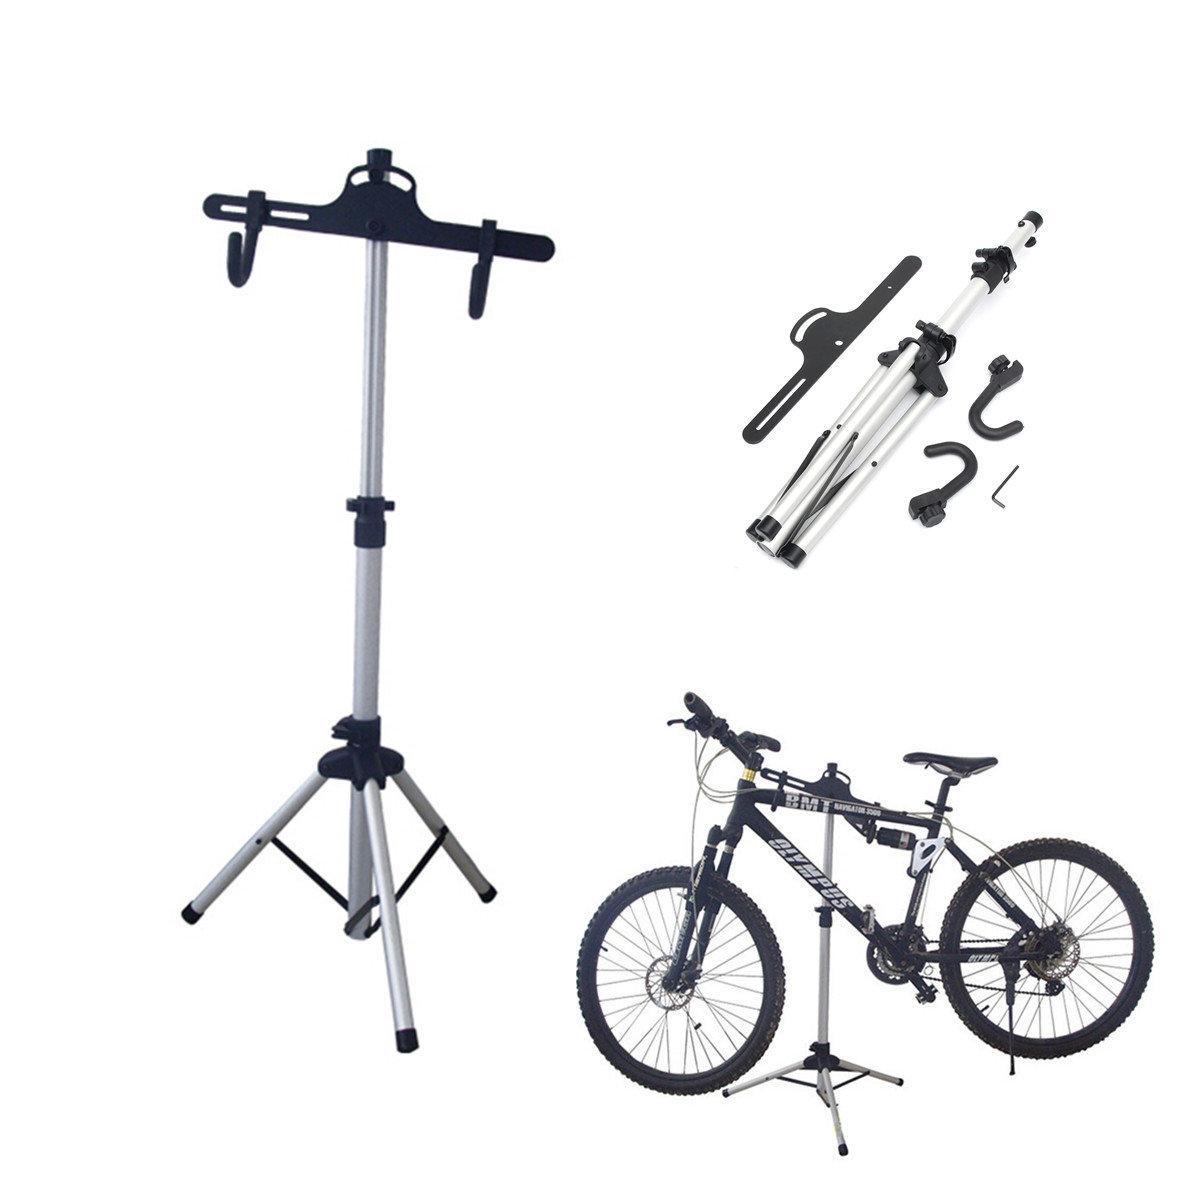 Xe đạp Sửa chữa xe đạp Bảo trì đứng Gấp Workstand Chủ sở hữu điều chỉnh Công cụ sửa chữa cho đi xe đạp